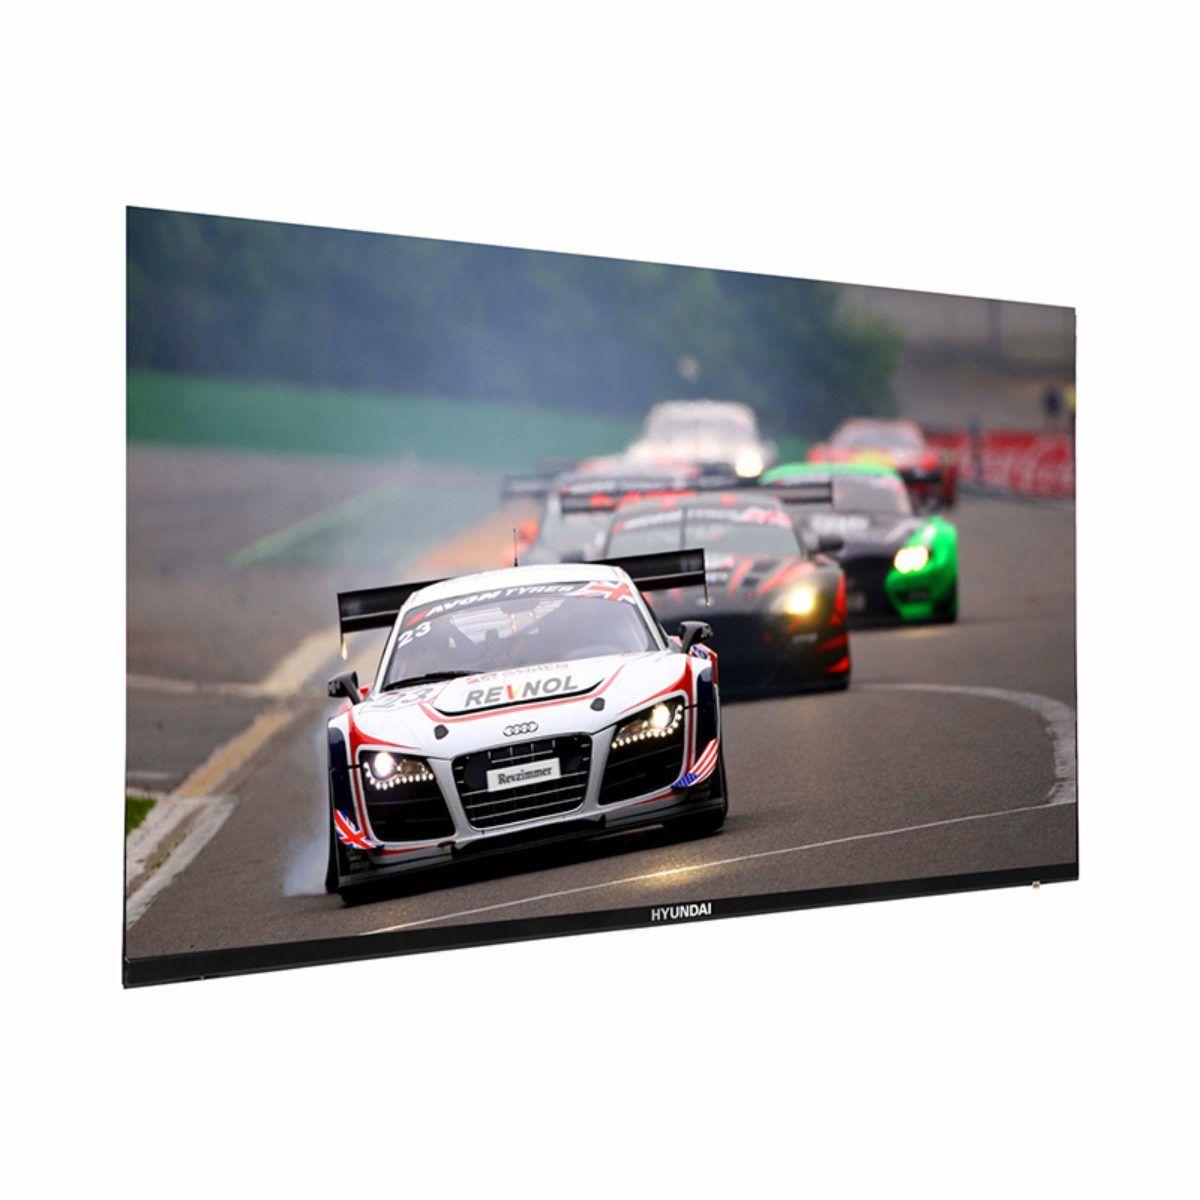 Hyundai Frameless 50-inches 4K LED TV